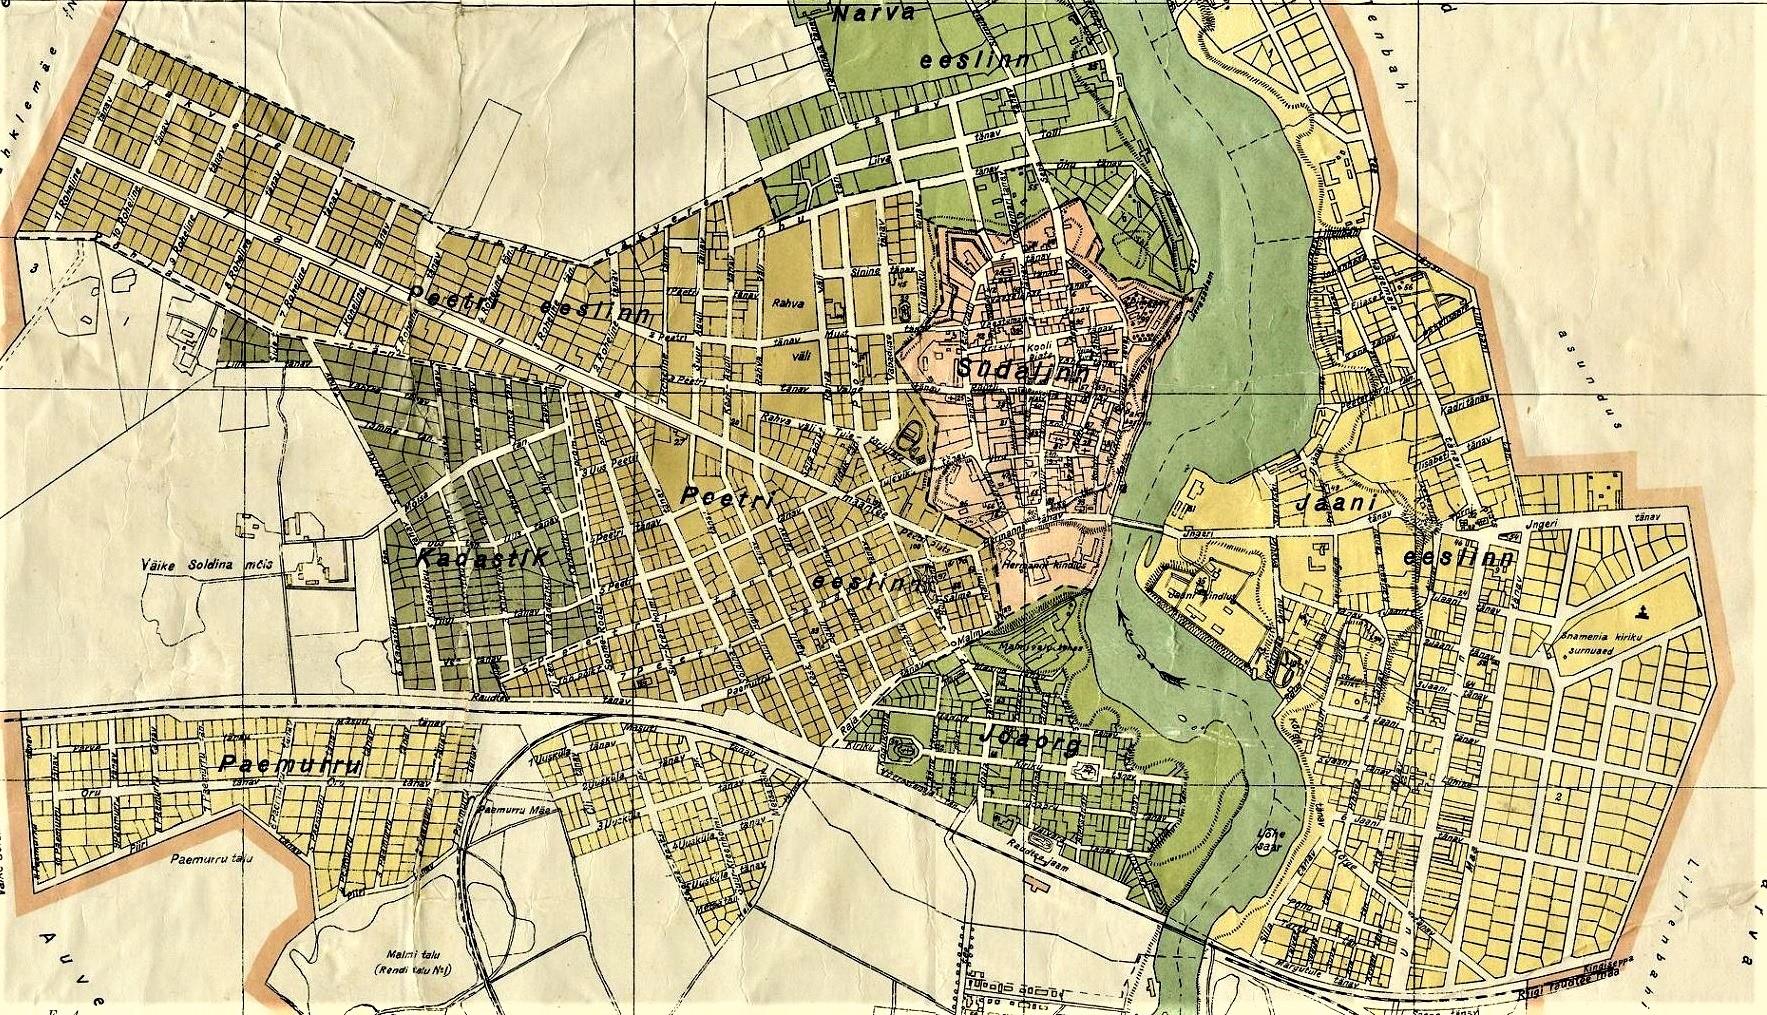 Laupäeval, 5. detsembril kell 12:00 toimus Vana-Narva jalgsiekskursioon.